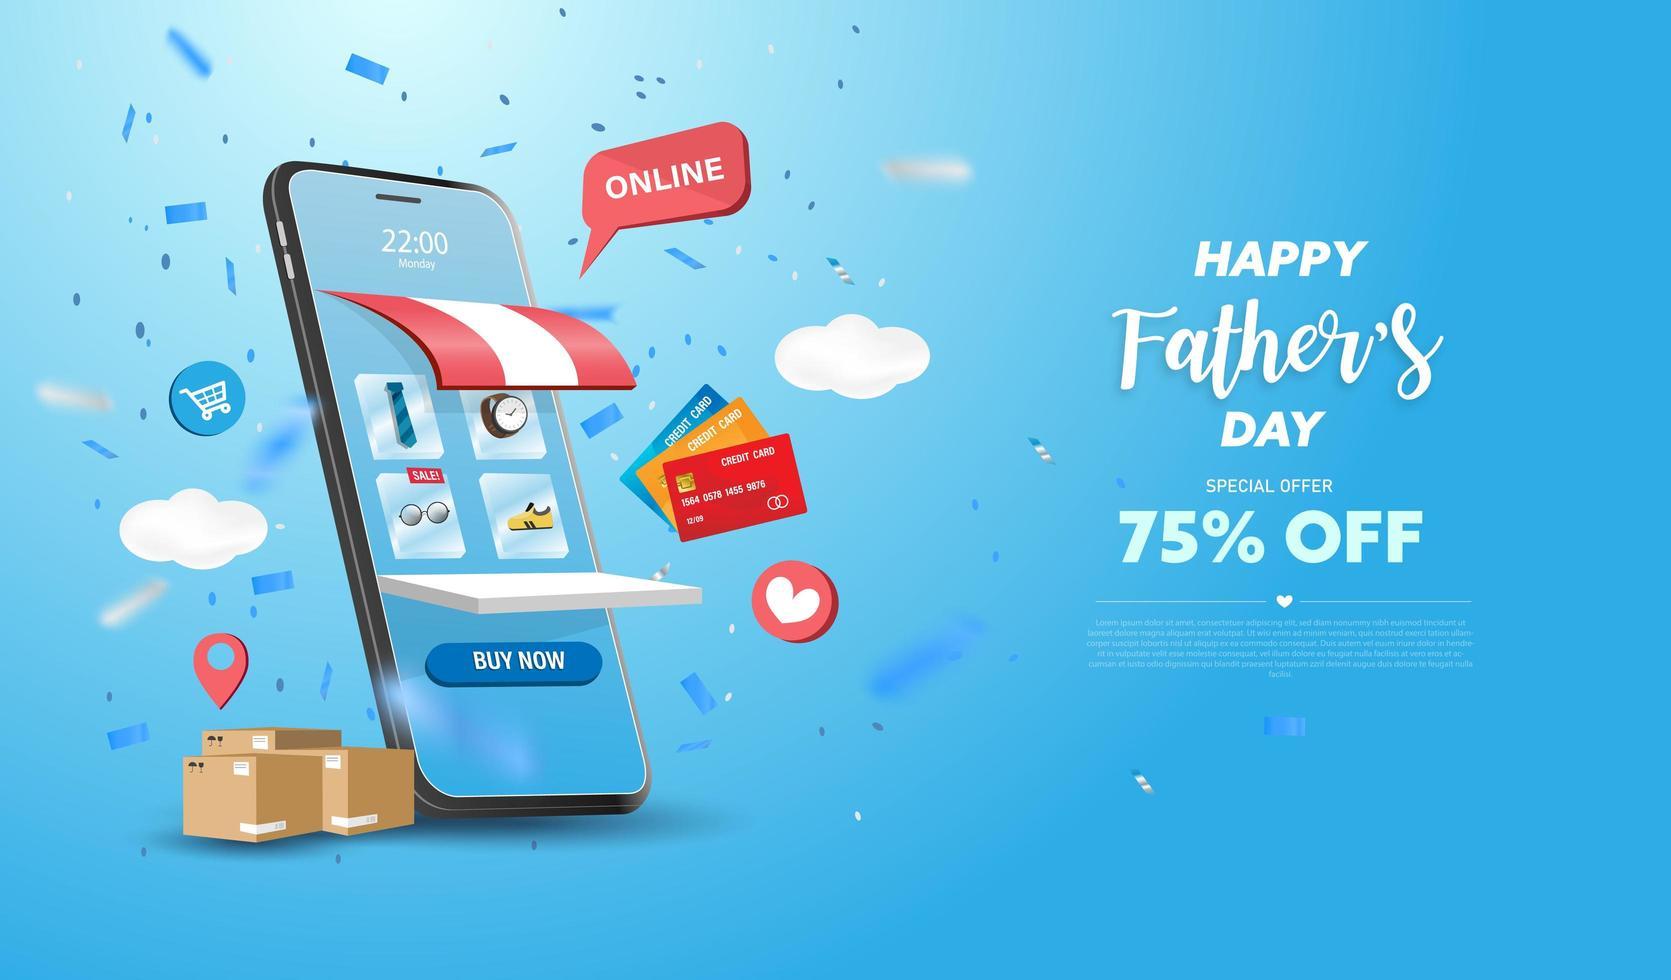 conception de téléphone intelligent de bannière de vente de fête des pères heureux vecteur